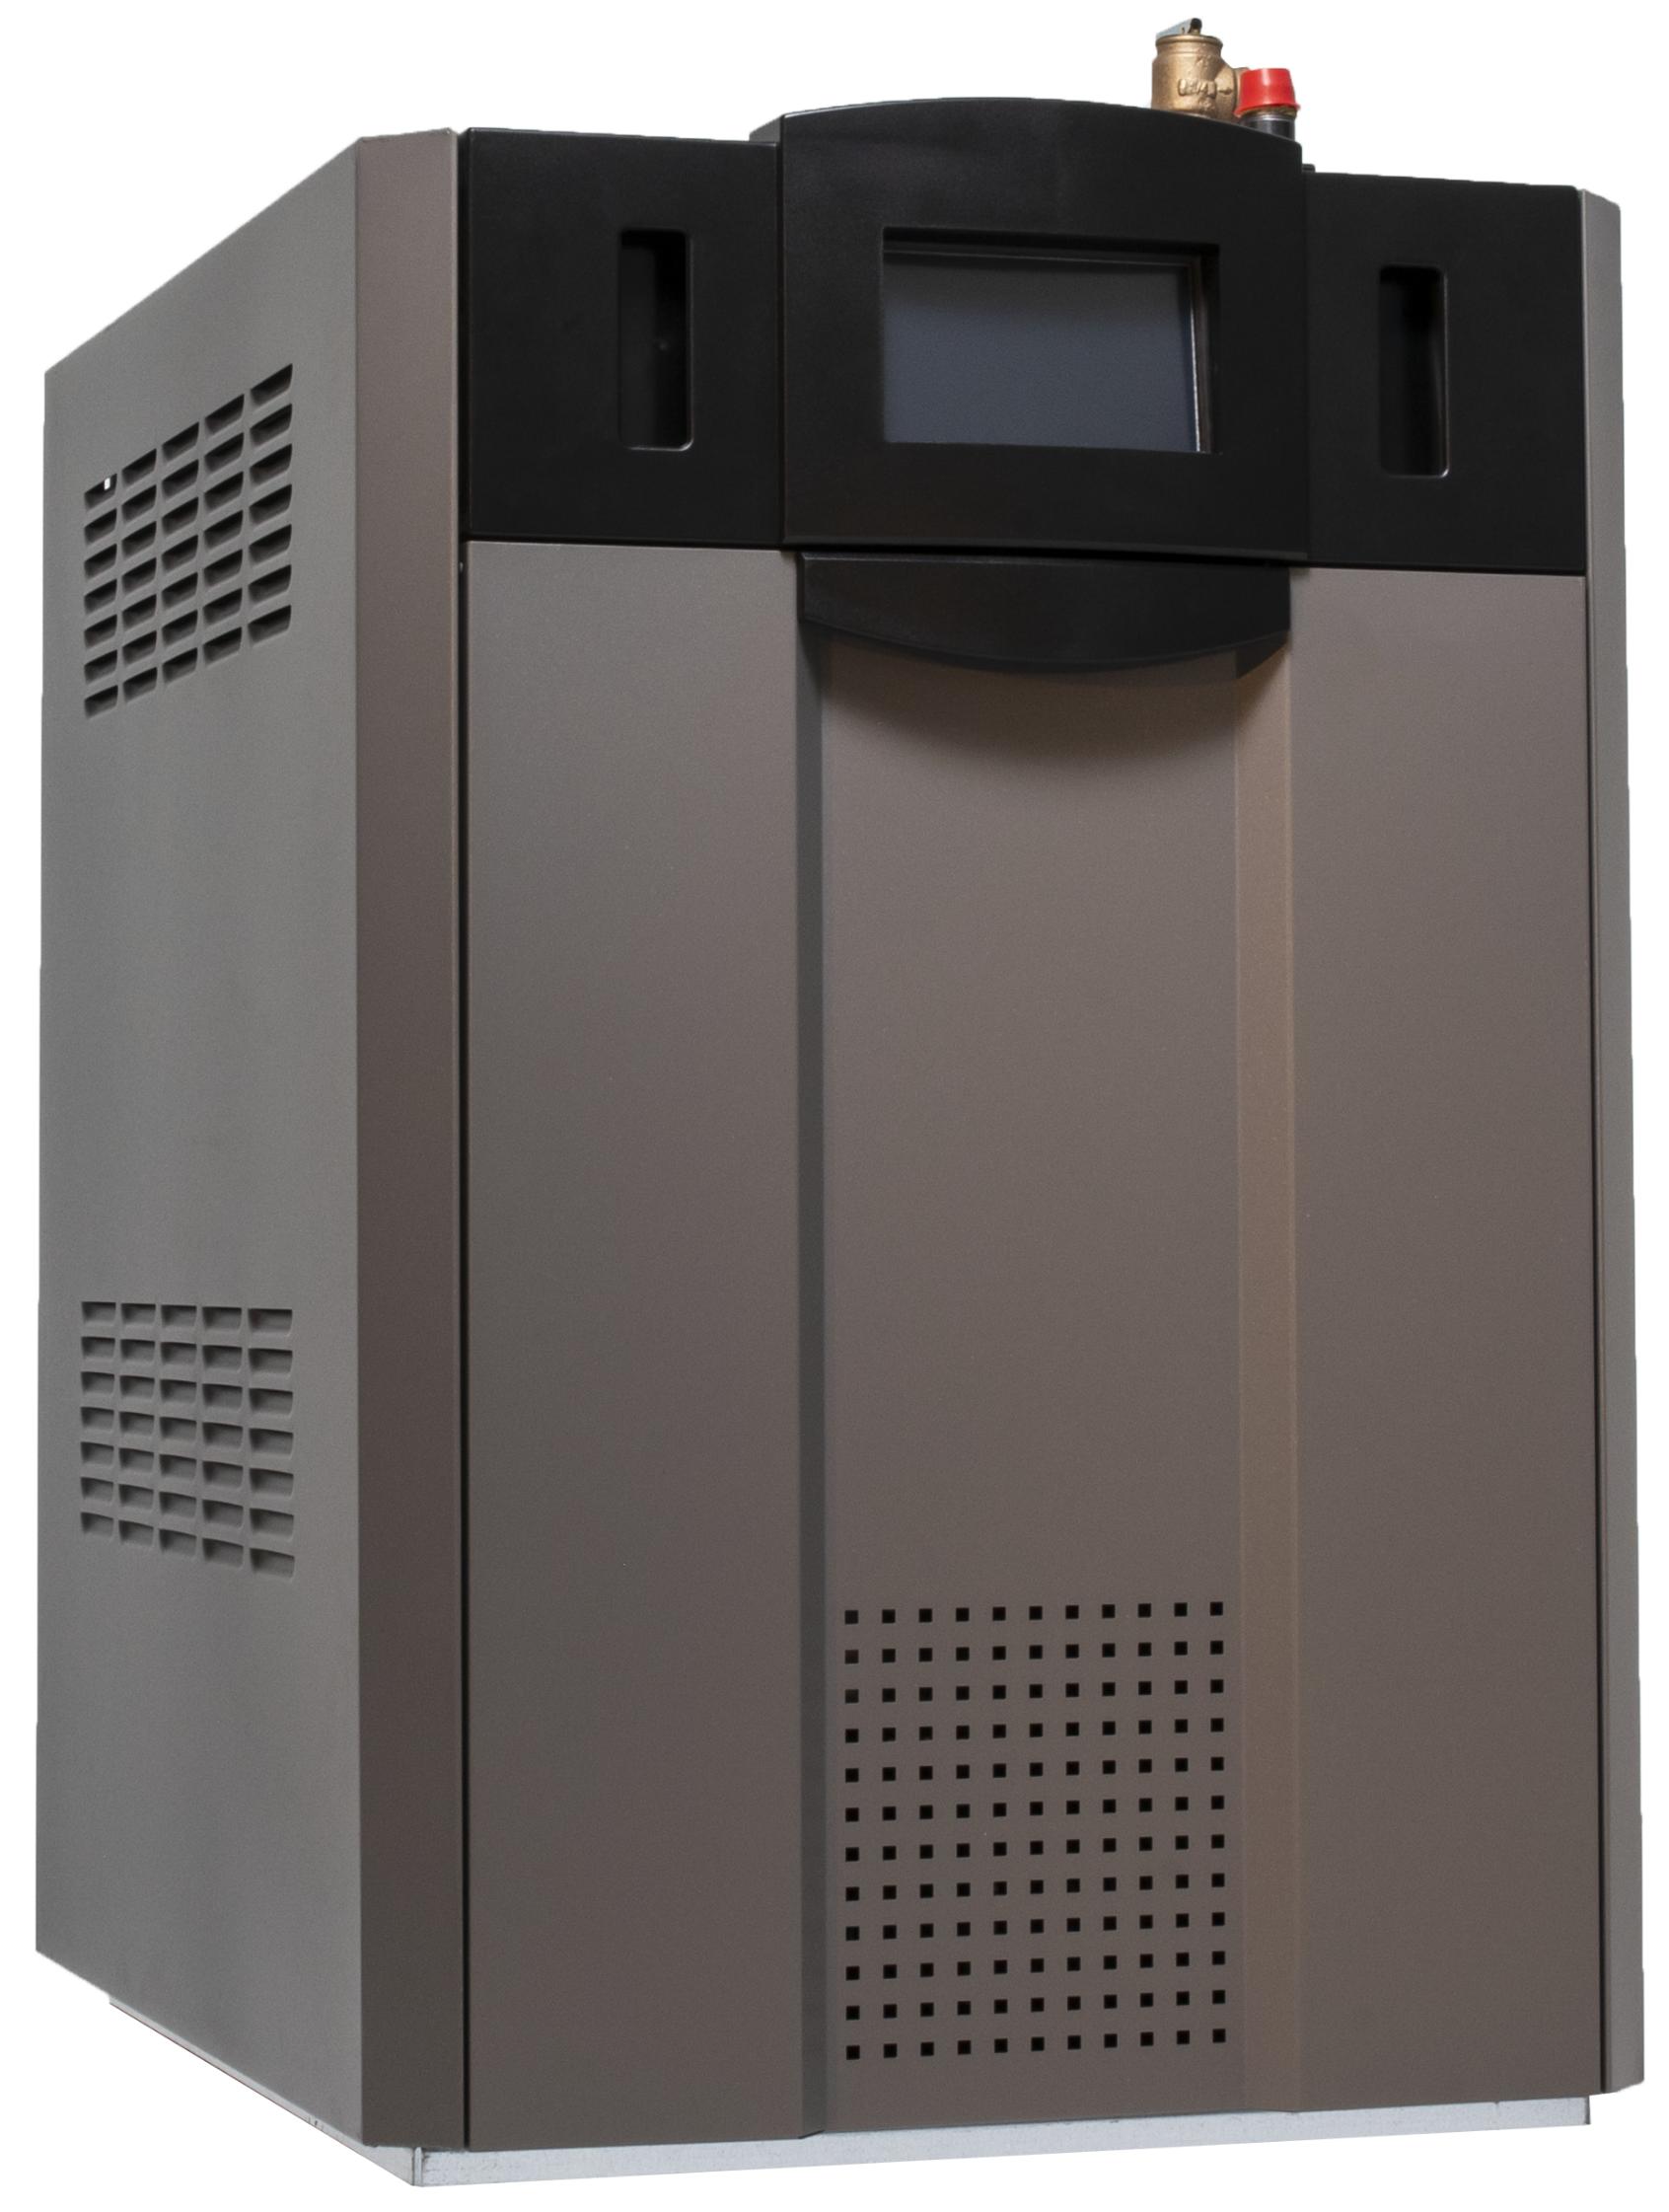 Keystone Water Heater